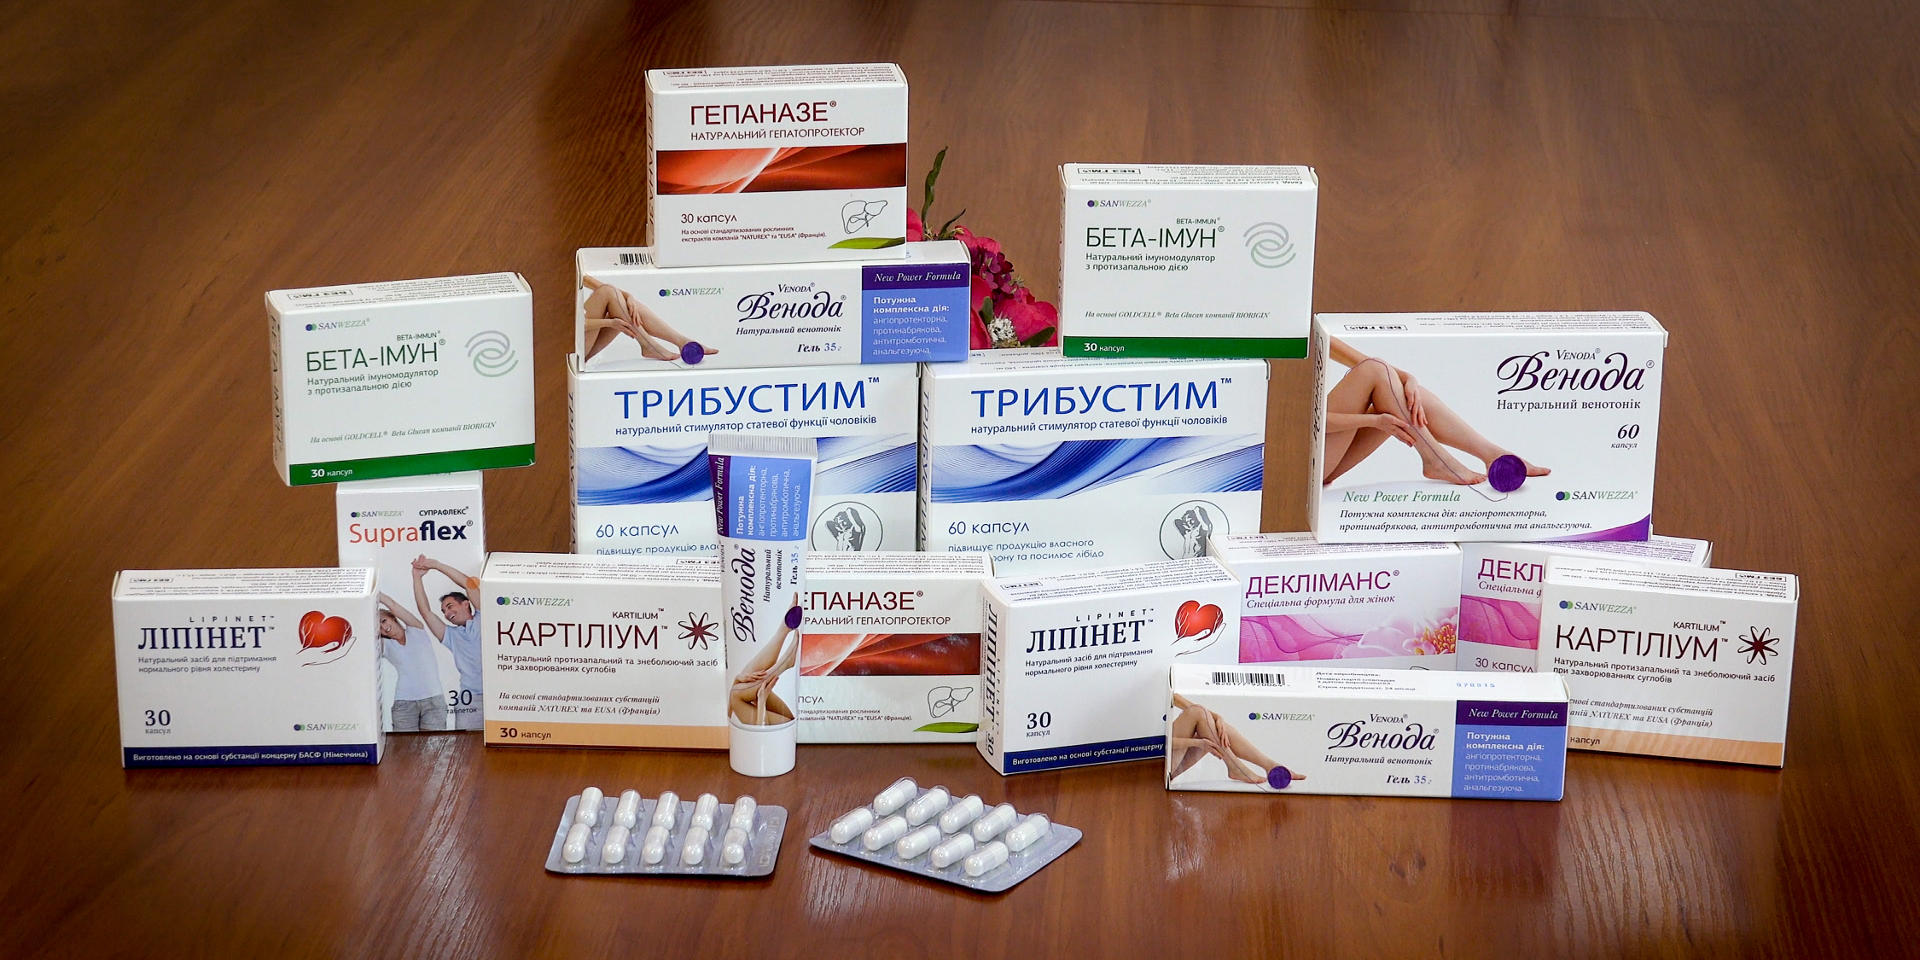 design of medical packaging